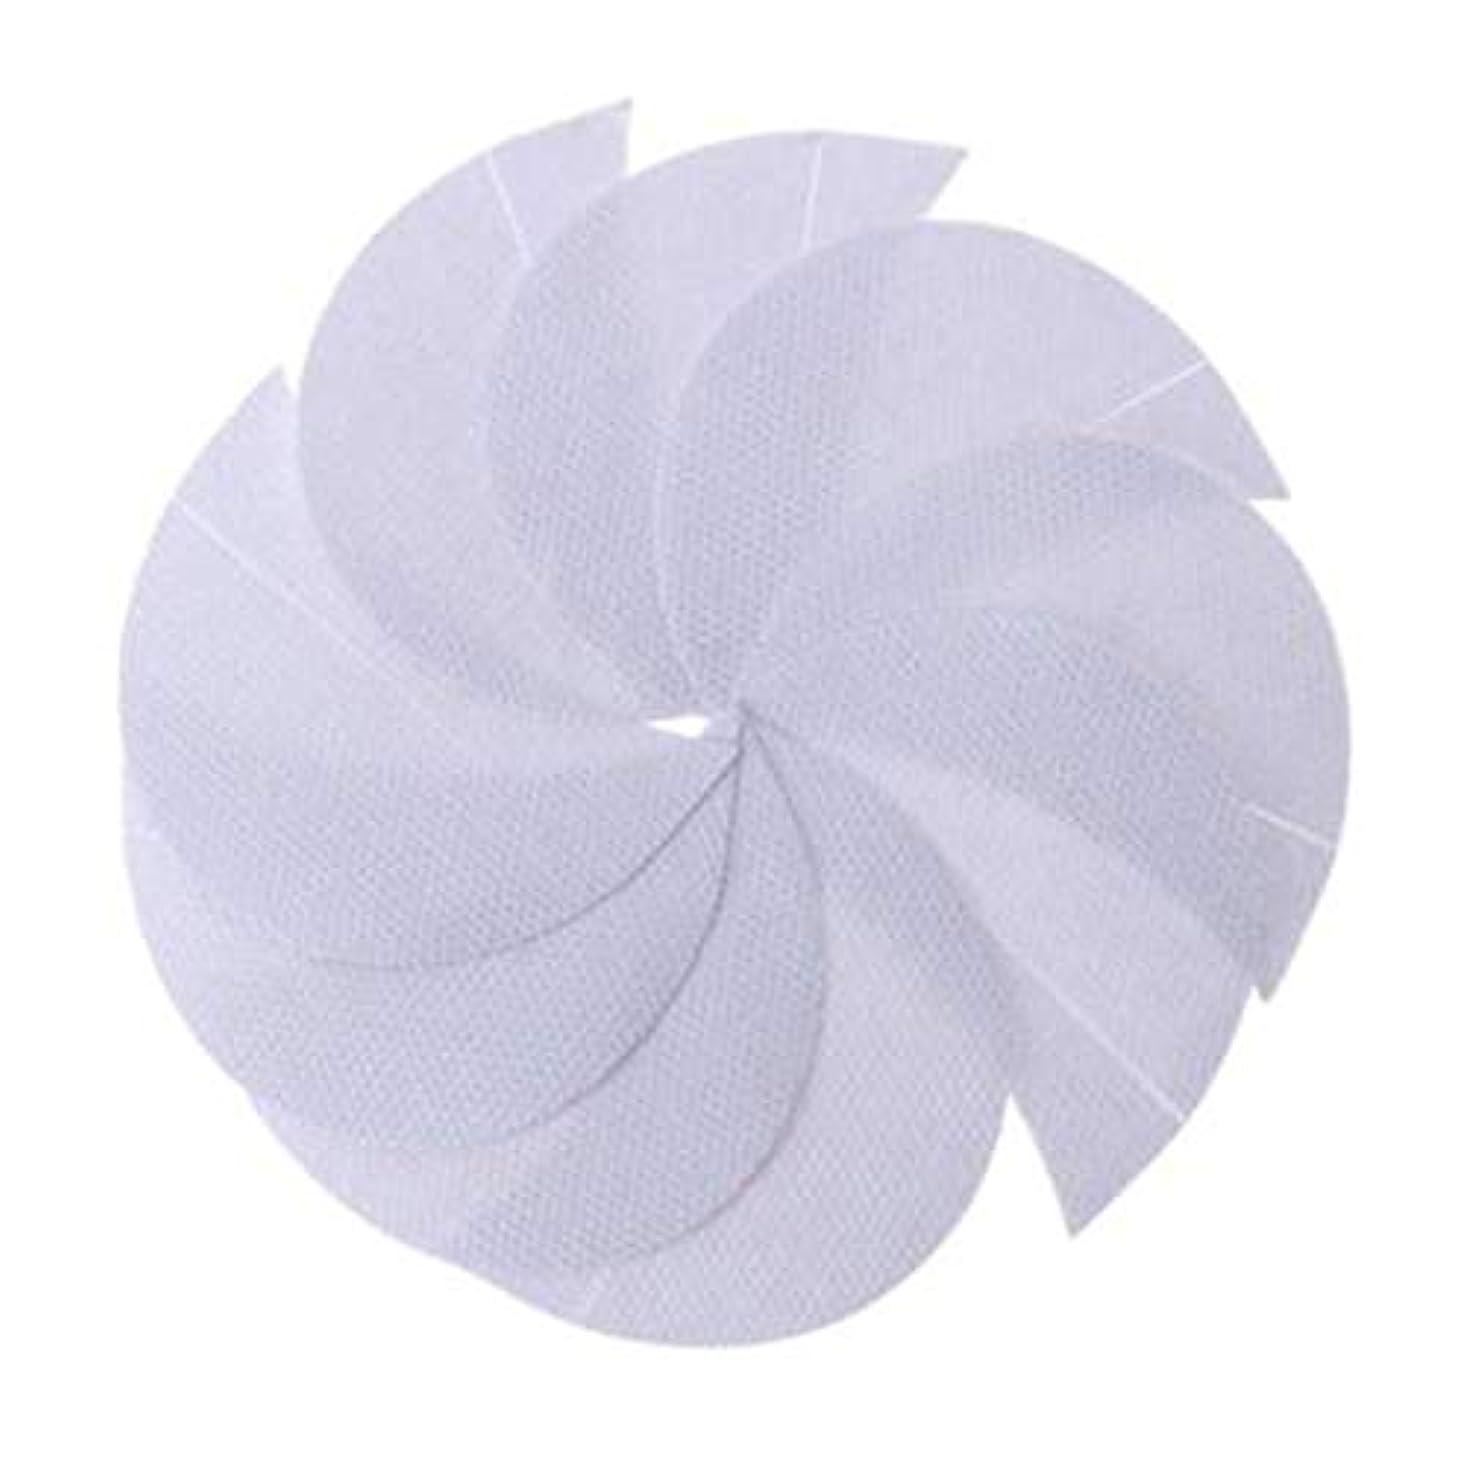 割り当てますすずめ不足Rabugogo 100個/袋不織布アイシャドーシールドアイシャドージェルパッドパッチアイシャドーステンシル防止まつげエクステ化粧品残留物